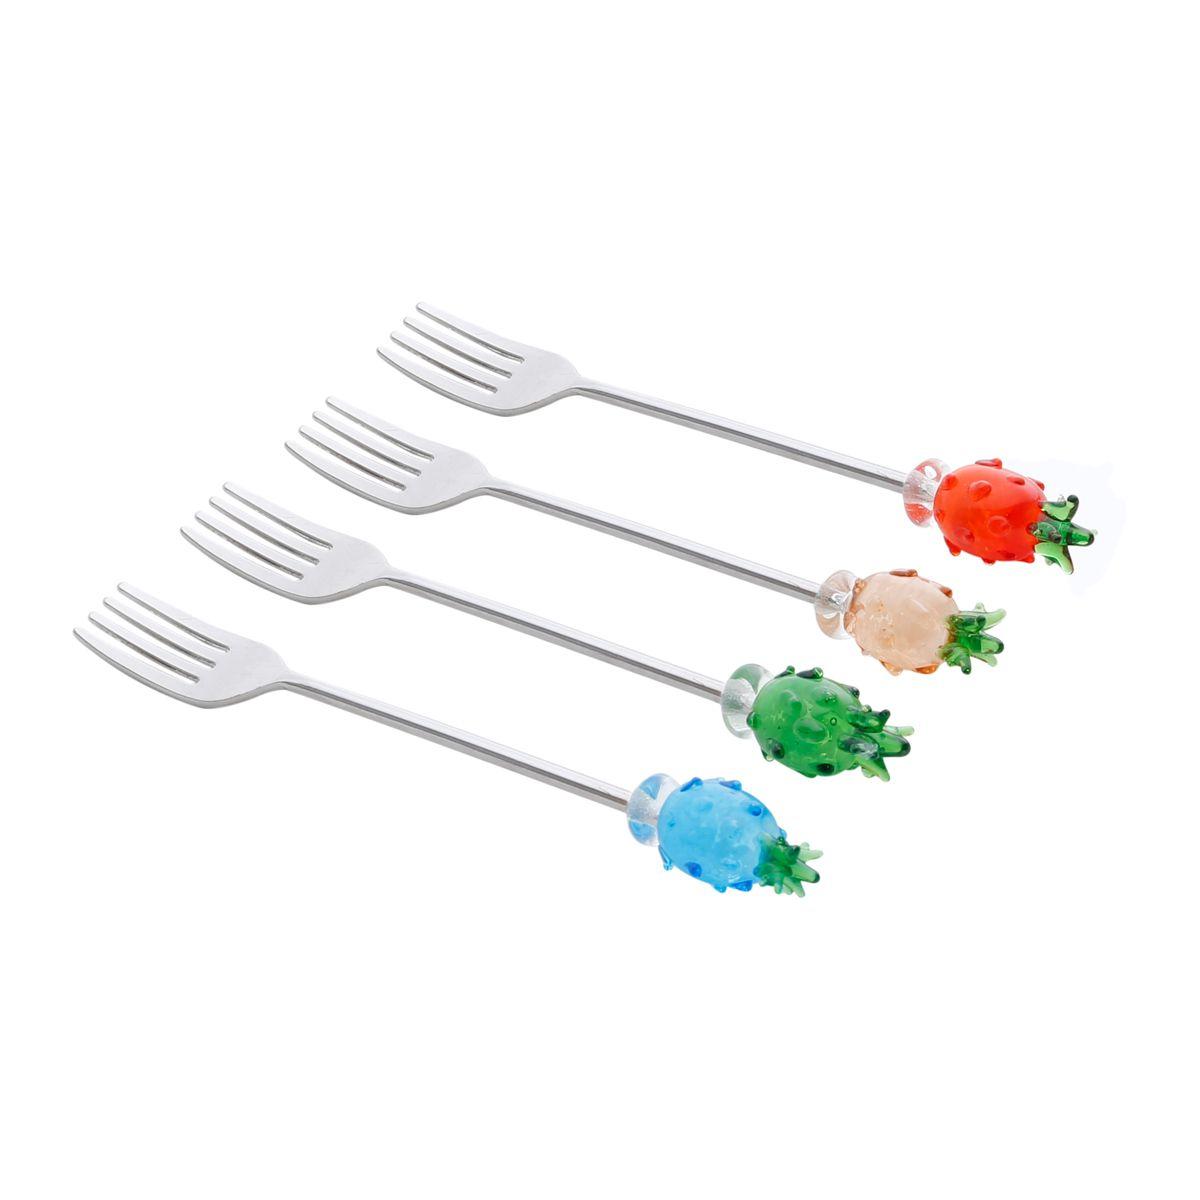 Conjunto Garfos p/ Sobremesa Bon Gourmet em Zamac 25702 - 4 Peças